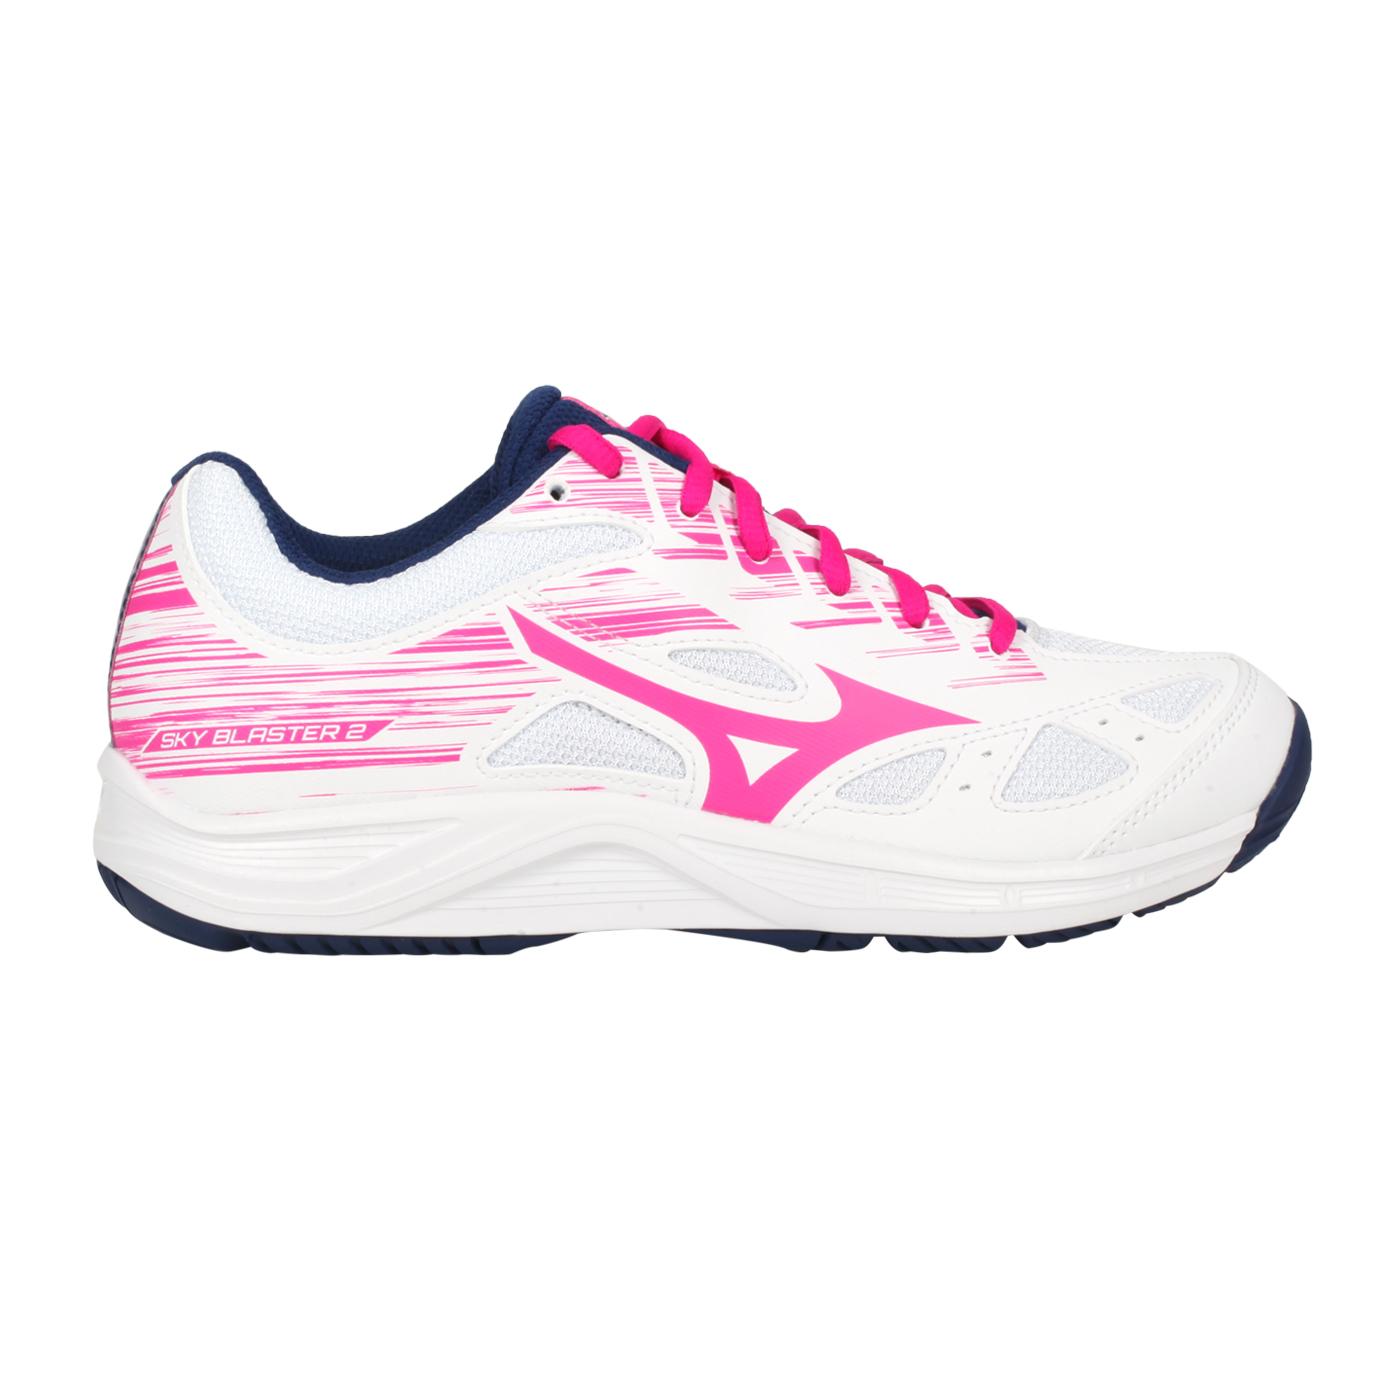 MIZUNO 女款羽球鞋  @SKY BLASTER 2@71GA204564